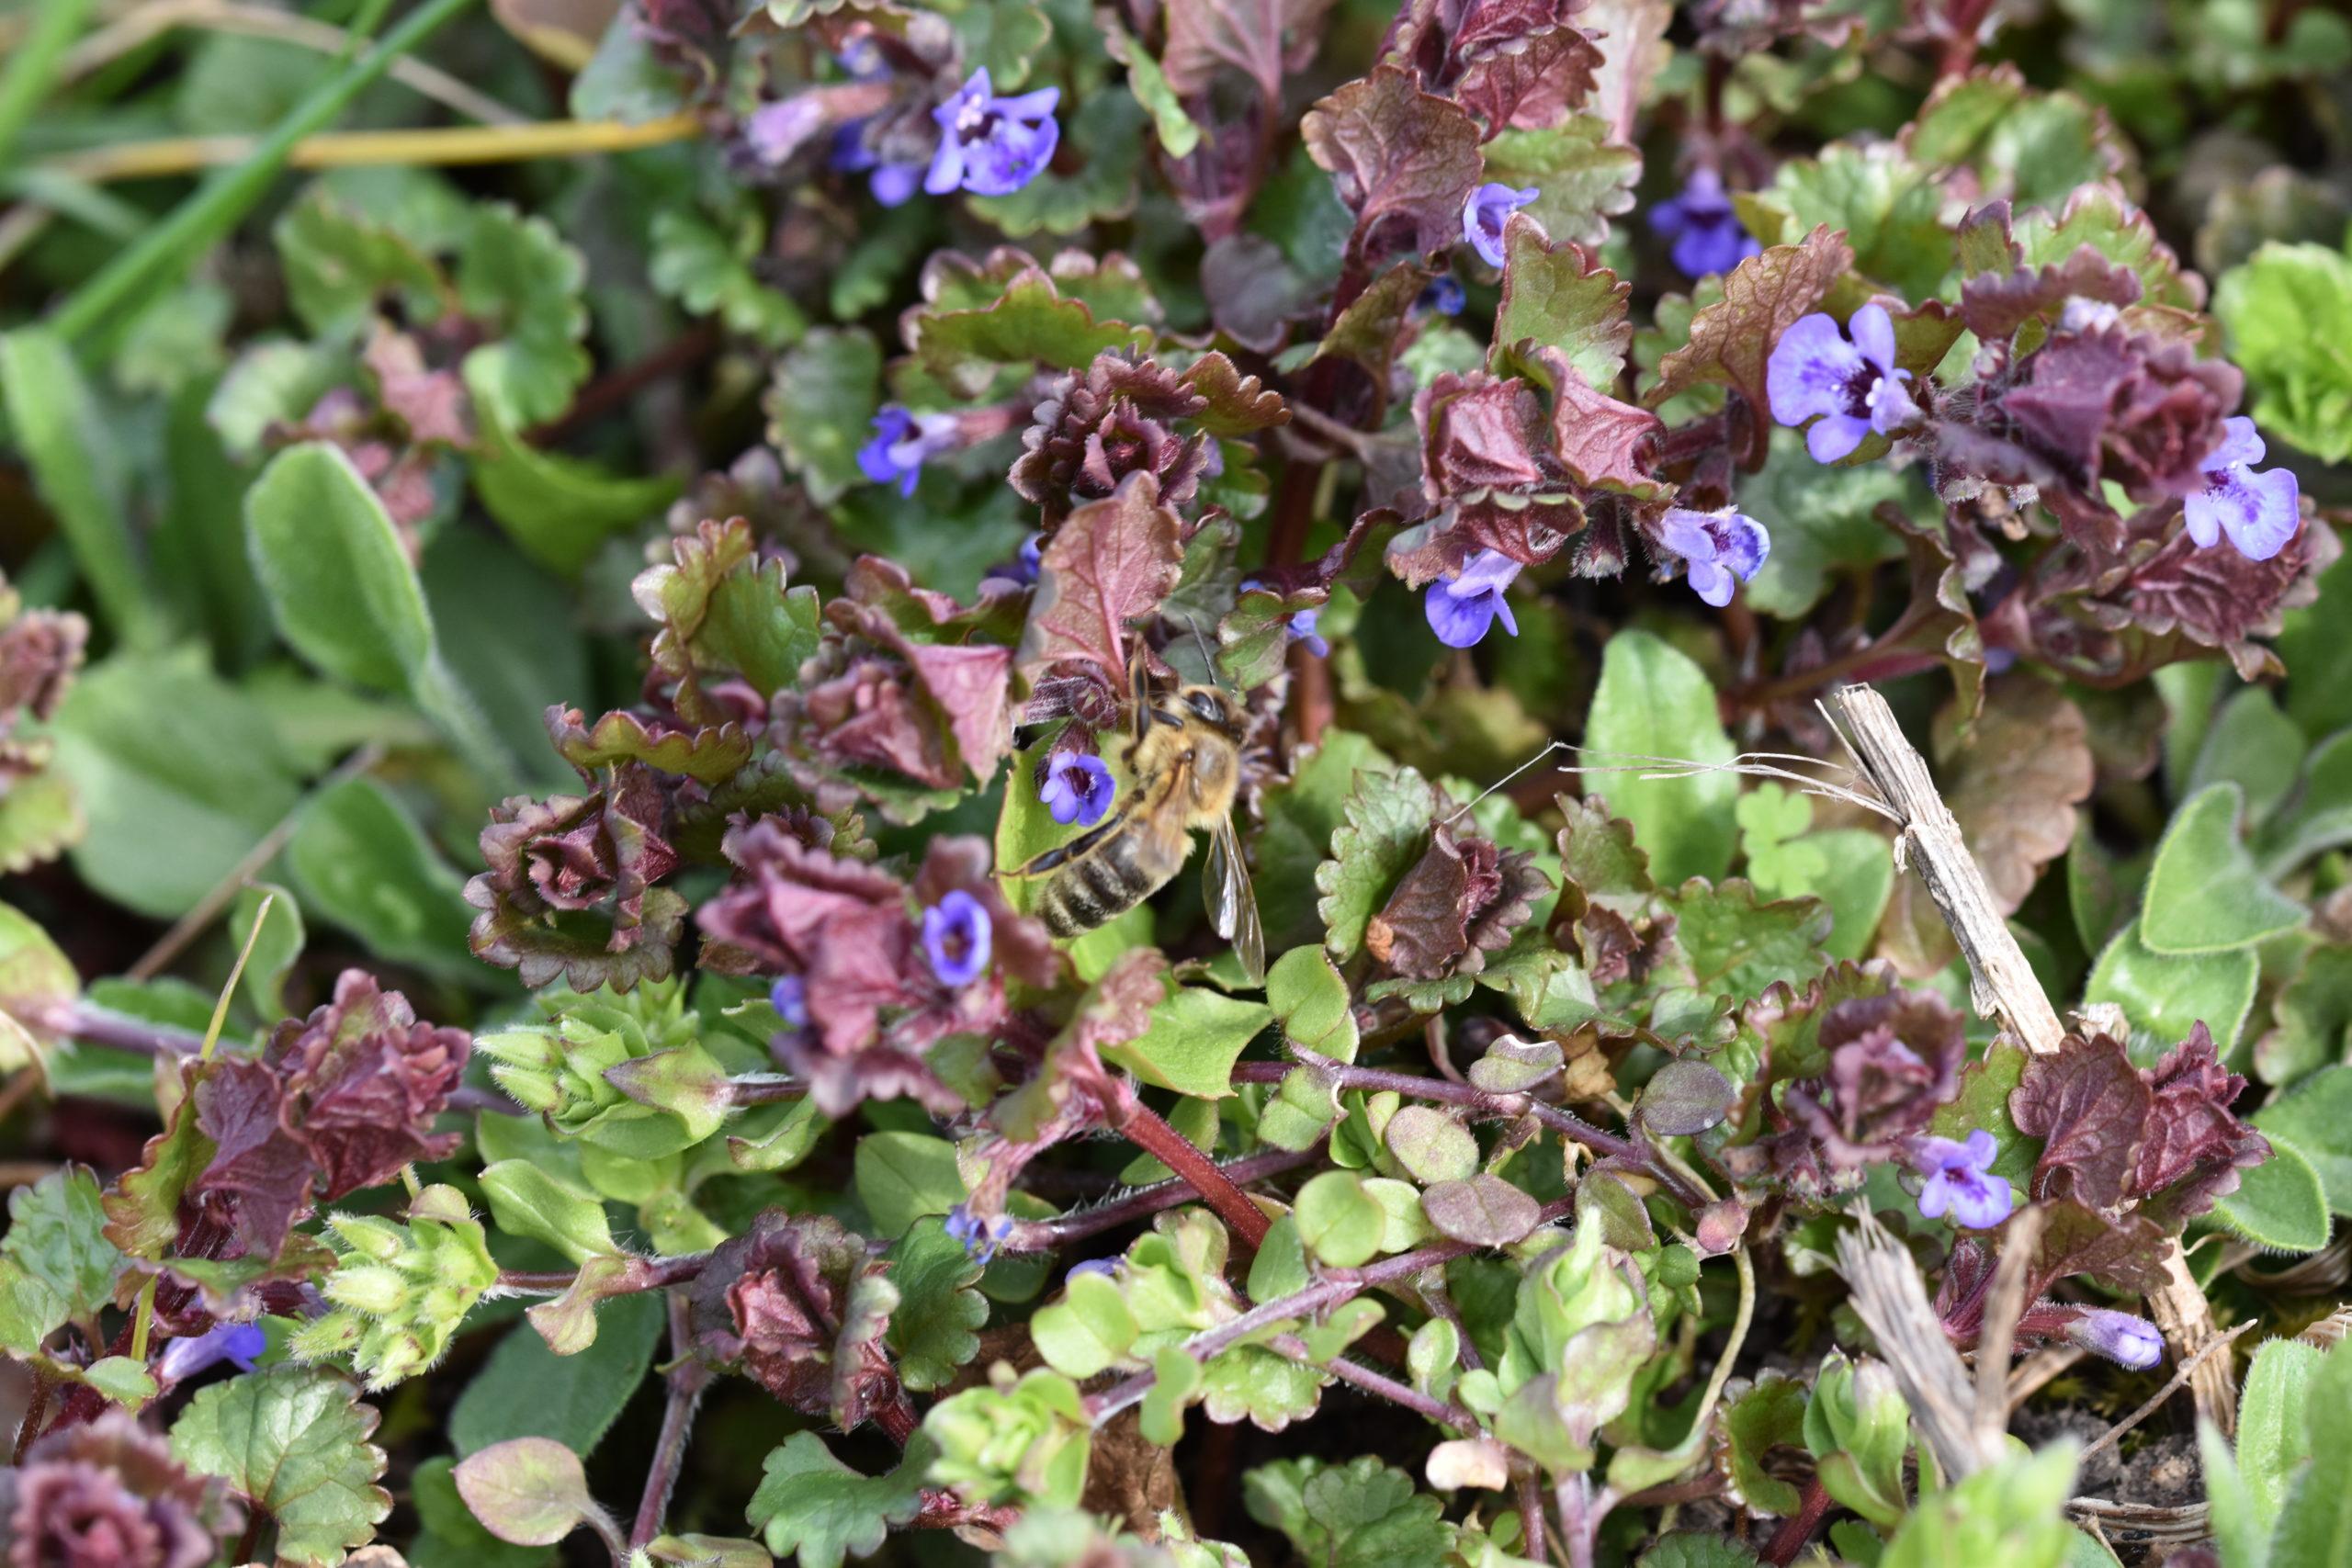 Blüten des Gundermanns mit Honigbiene